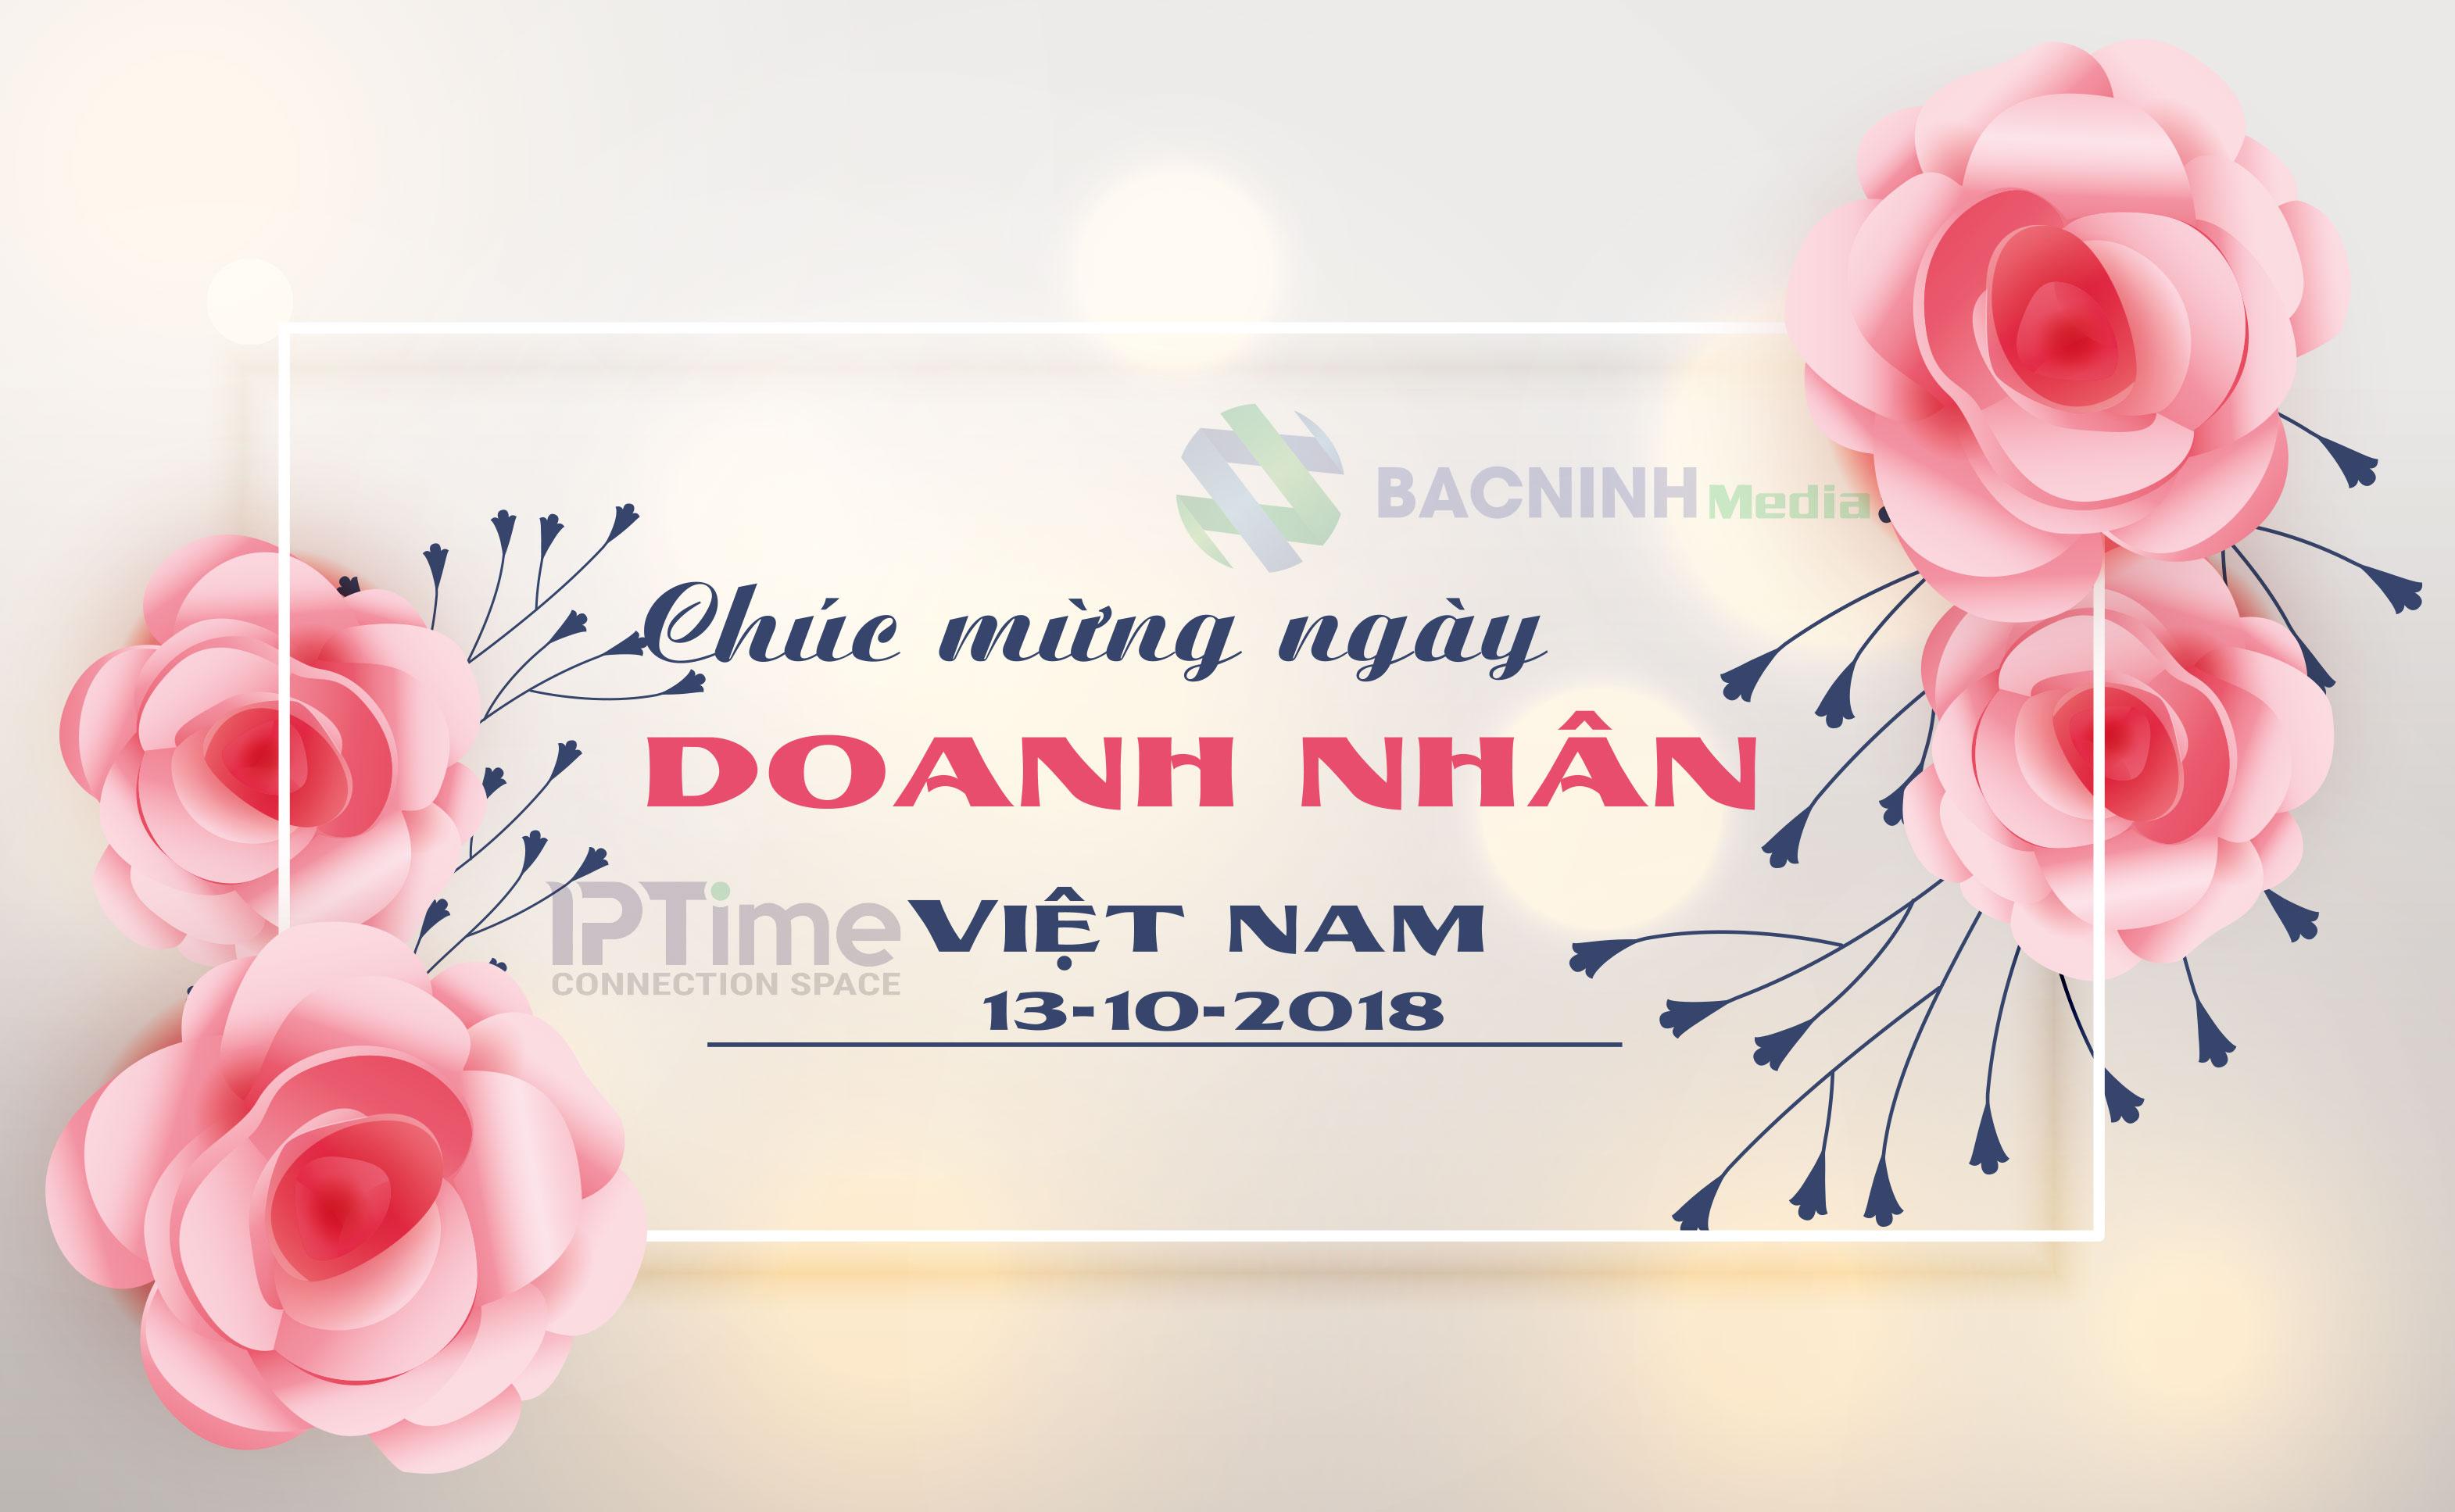 Mừng Doanh Nhân Đối tác khách hàng của Bắc Ninh Media